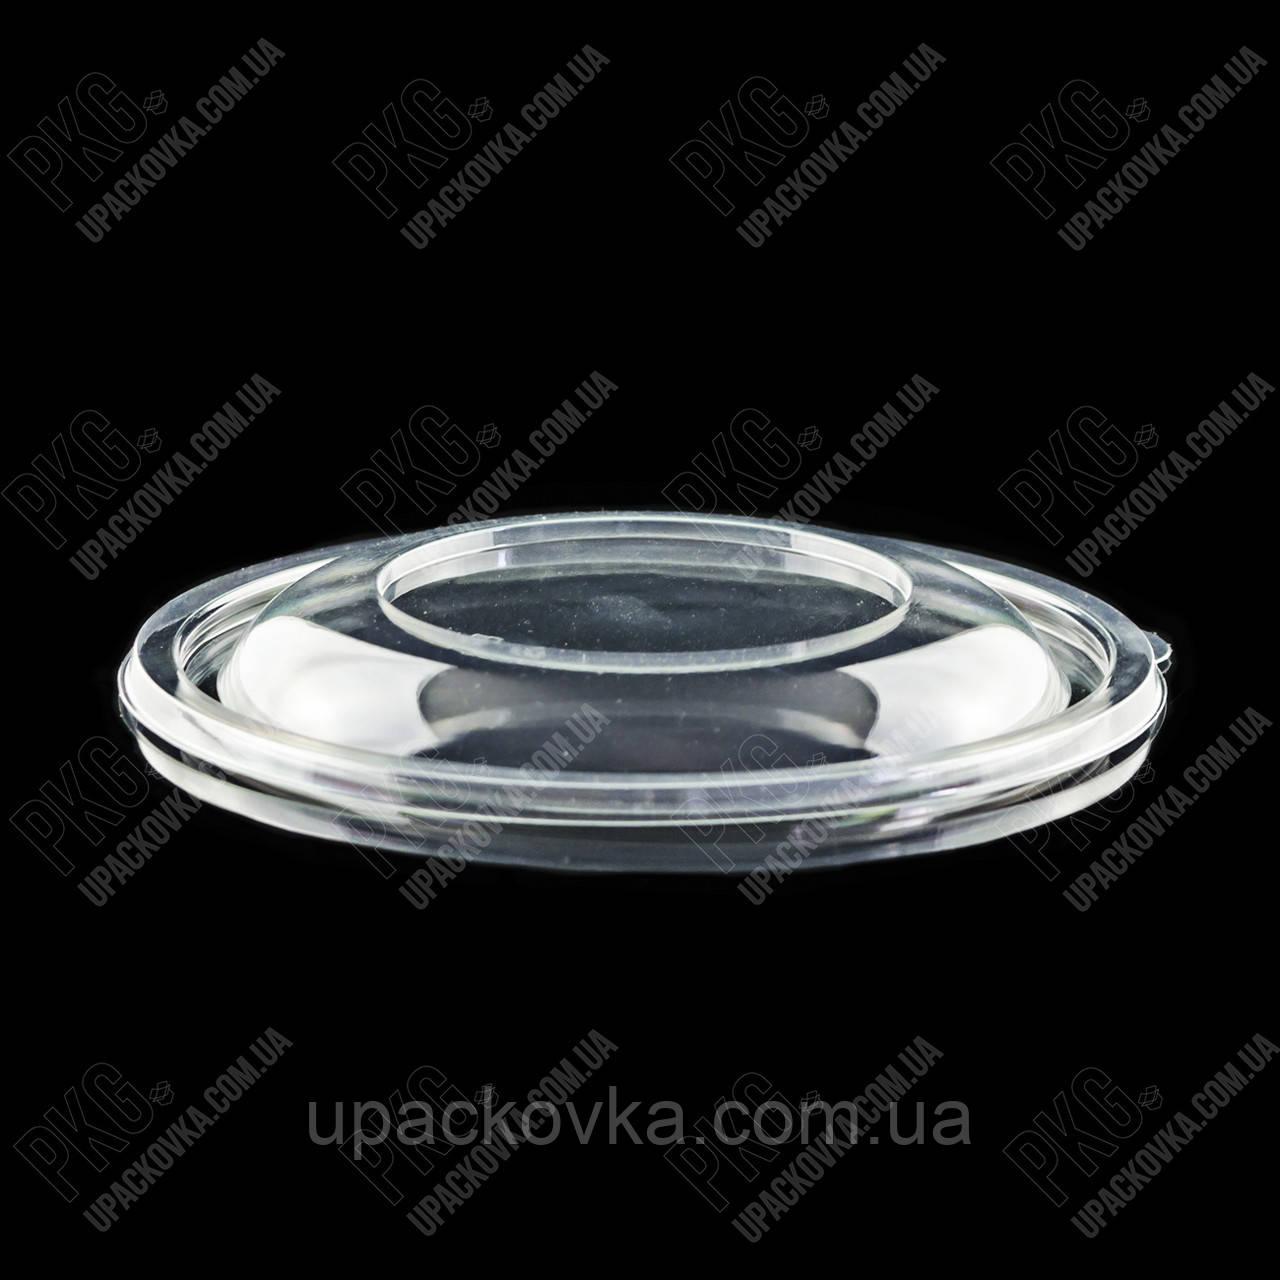 Крышка низкая к упаковке для салата, УК-107КА, ПРОЗРАЧНАЯ, РЕТ